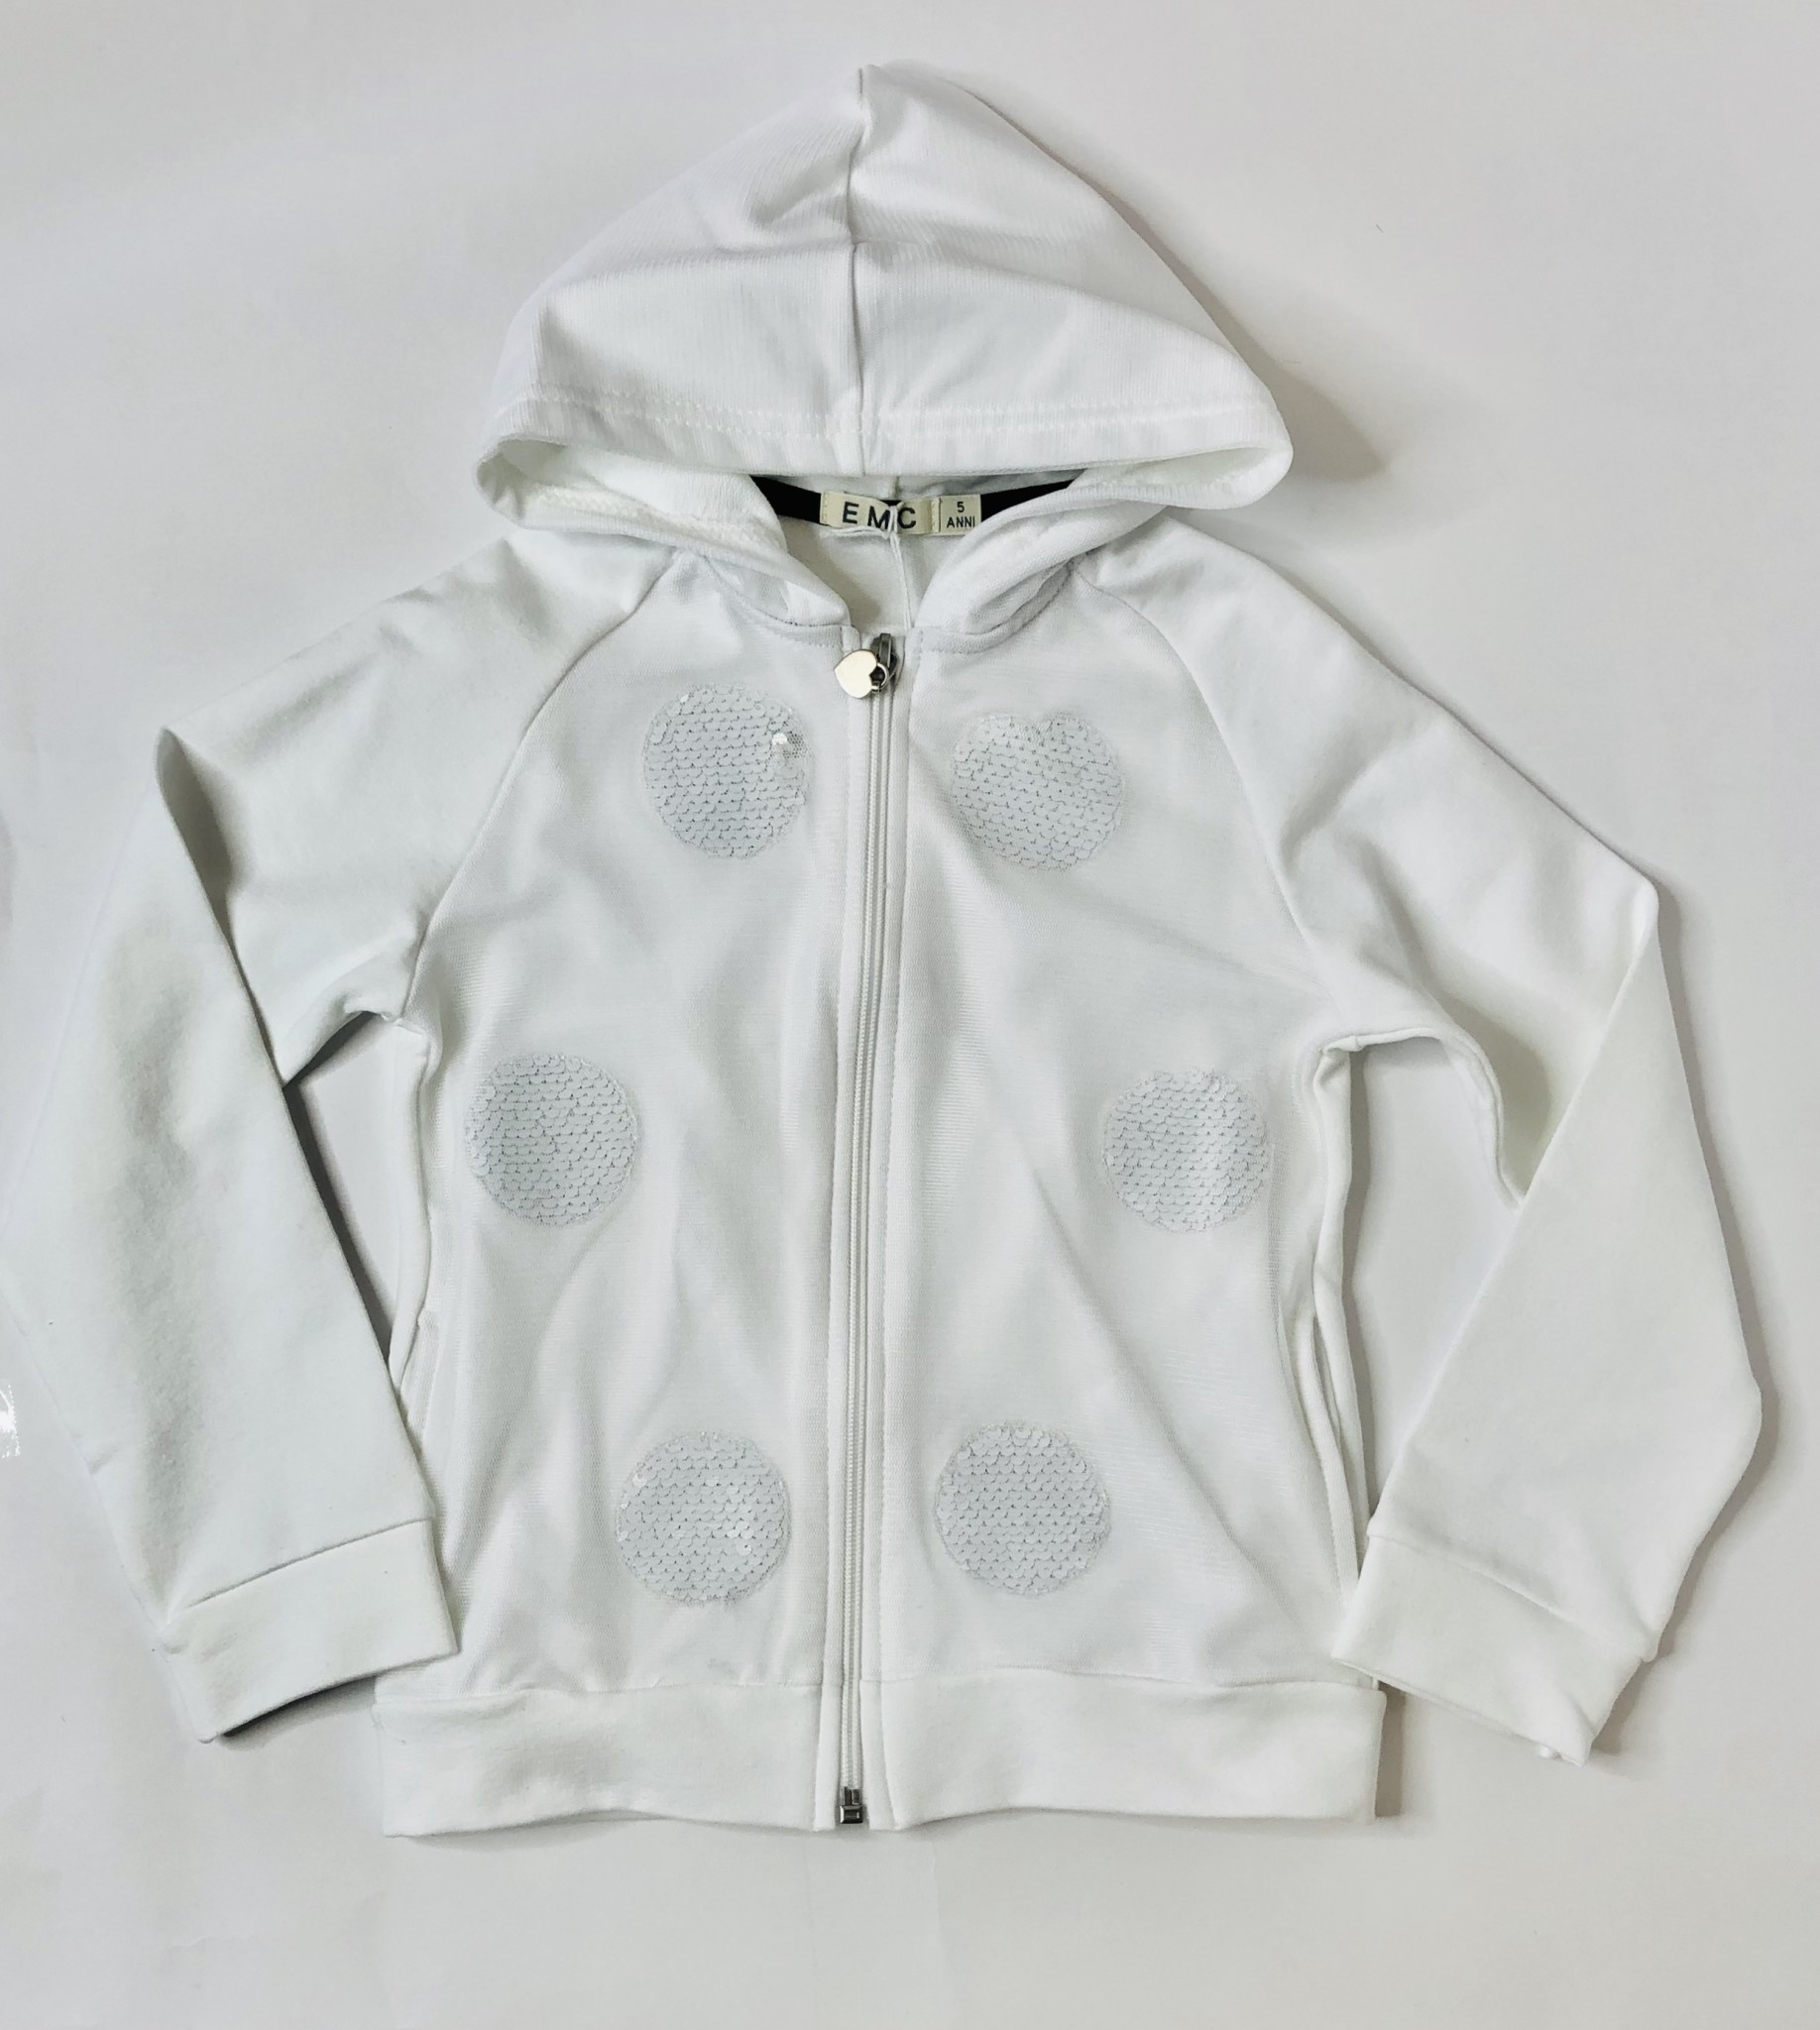 EMC EMC Girls White Zipper Hoodie with Circle sequins